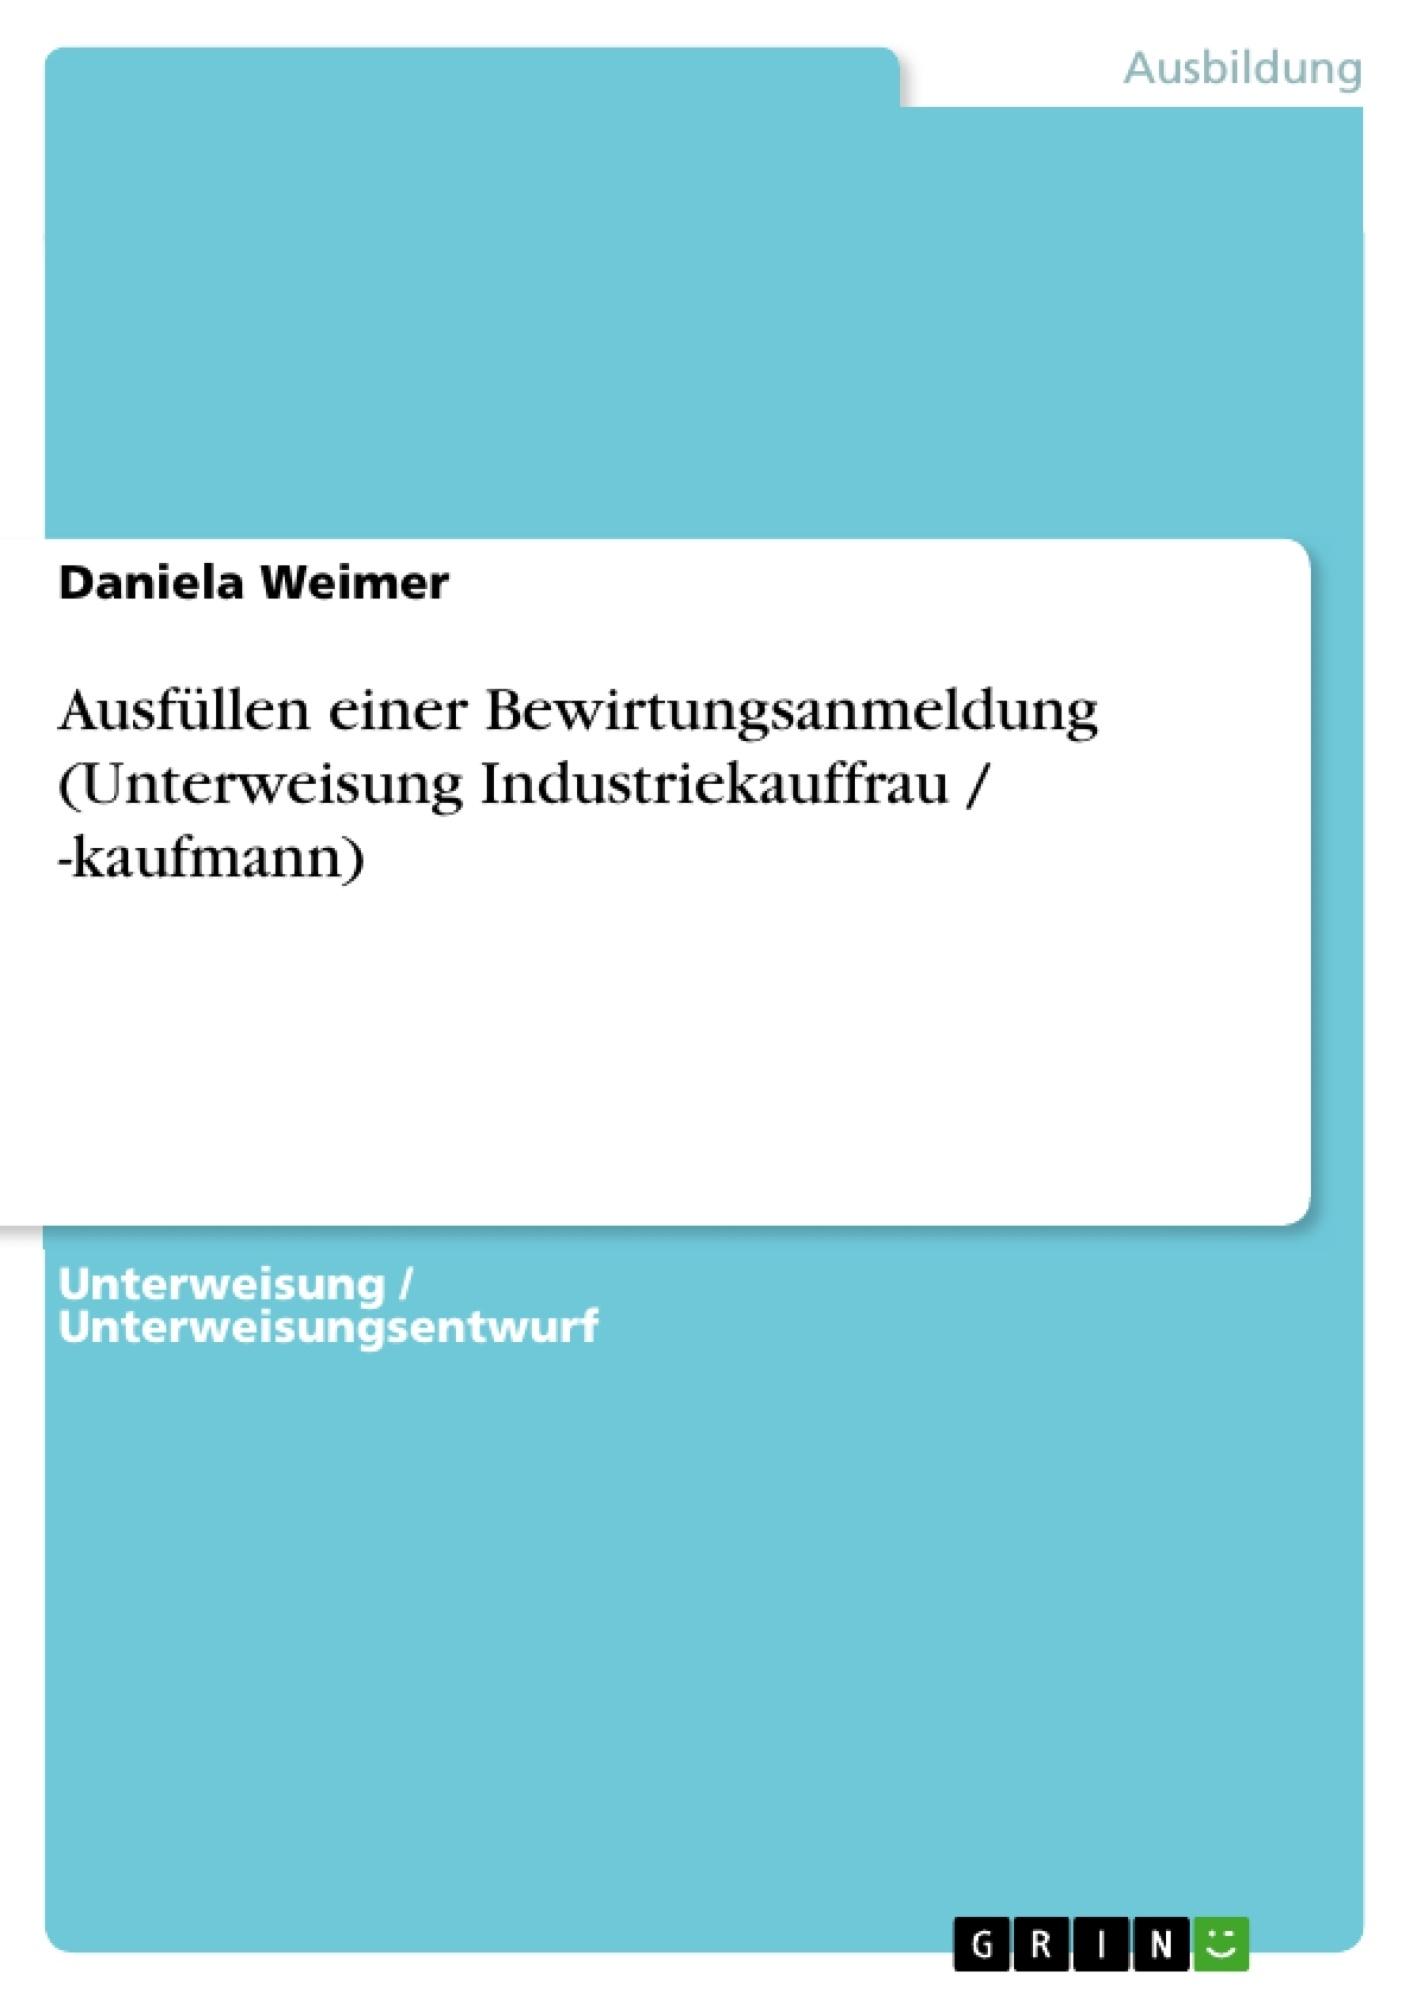 Titel: Ausfüllen einer Bewirtungsanmeldung (Unterweisung Industriekauffrau / -kaufmann)